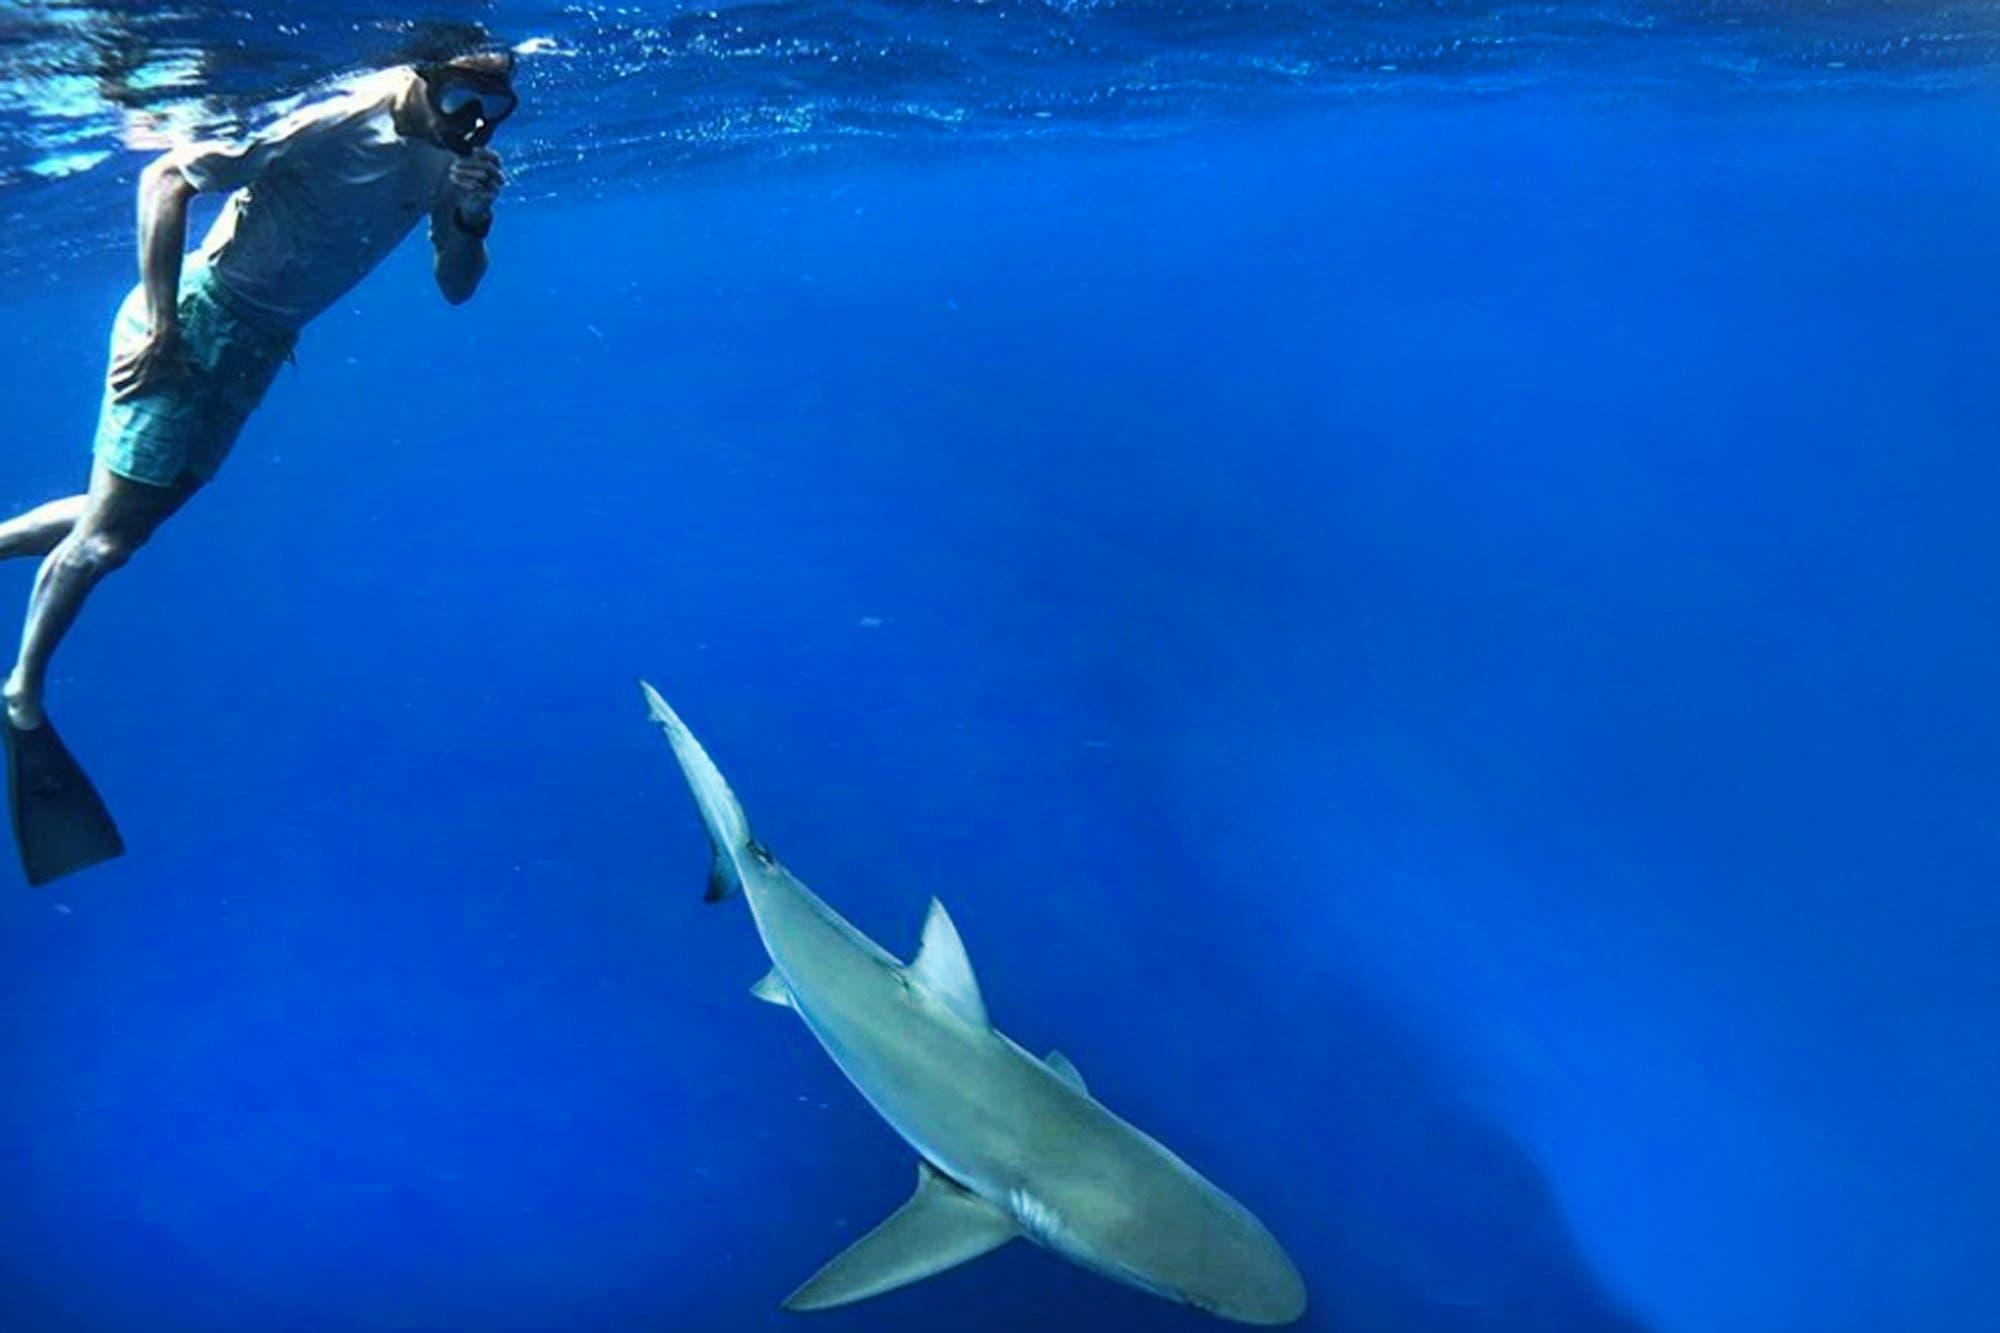 Manu Ginóbili siempre toma riesgos: de cazar murciélagos a nadar con tiburones